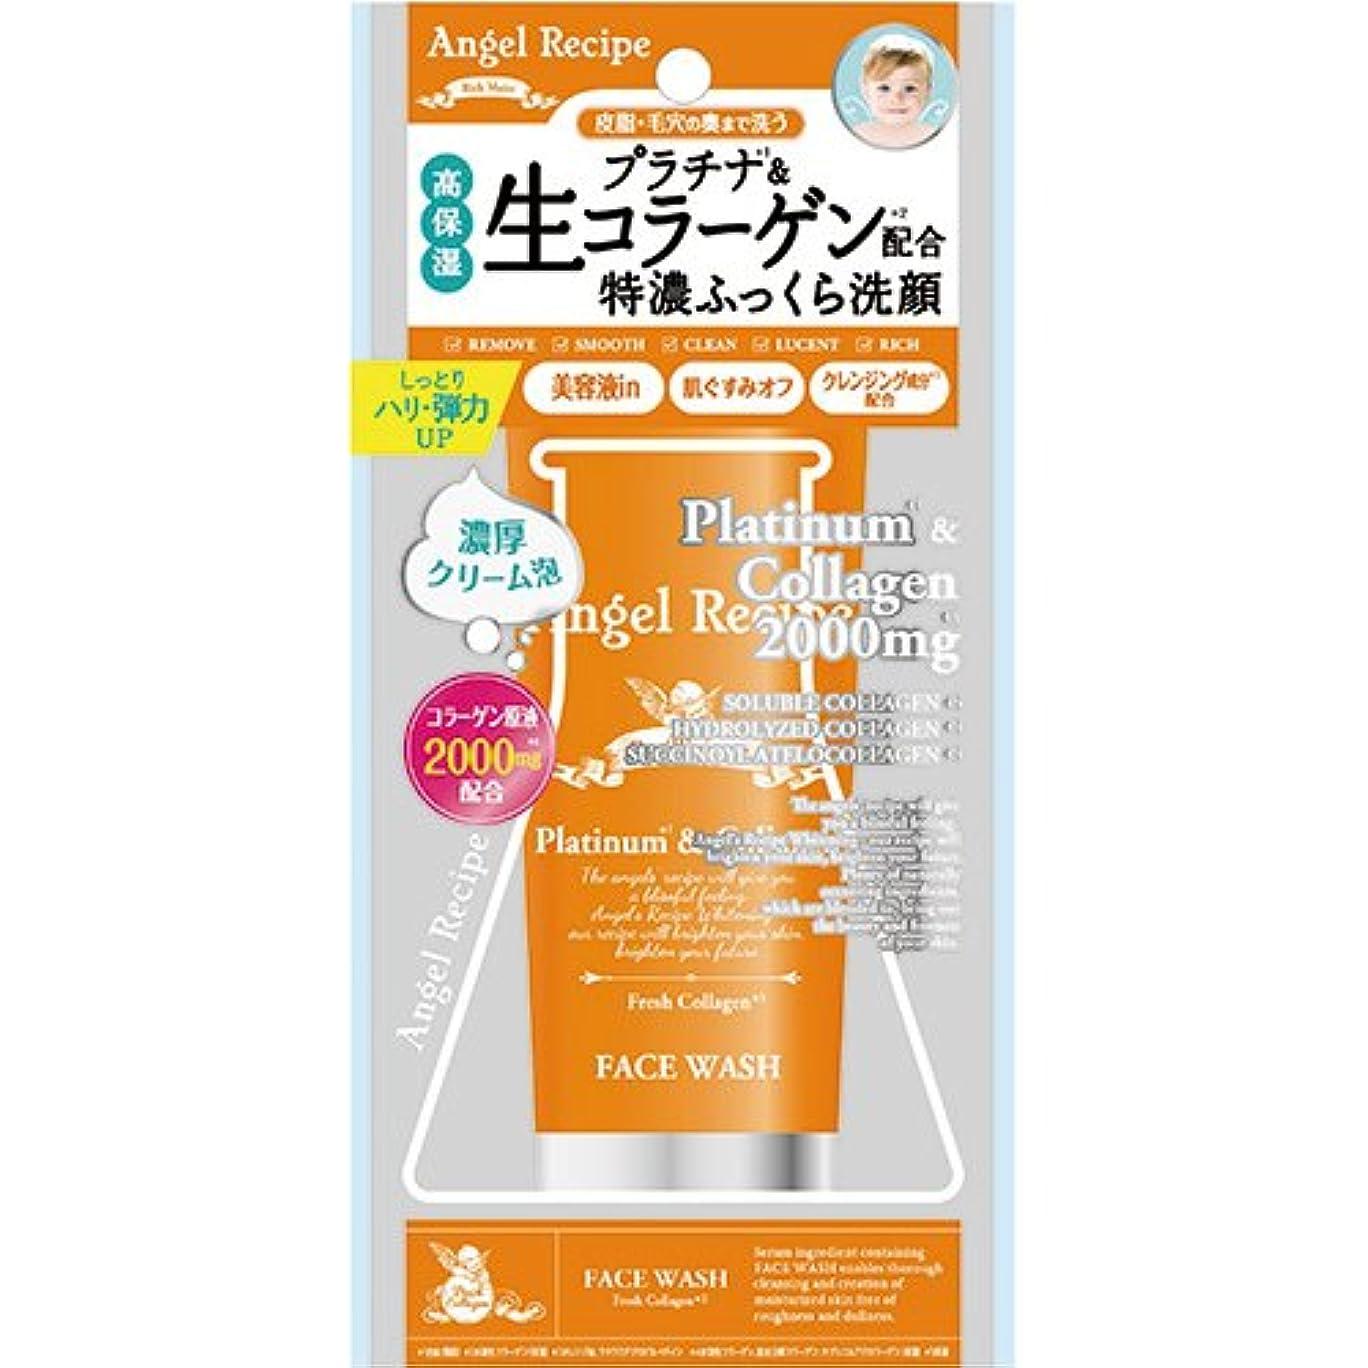 ラジウム復活する寸前AngelRecipe エンジェルレシピ リッチモイスト 洗顔フォーム 90g